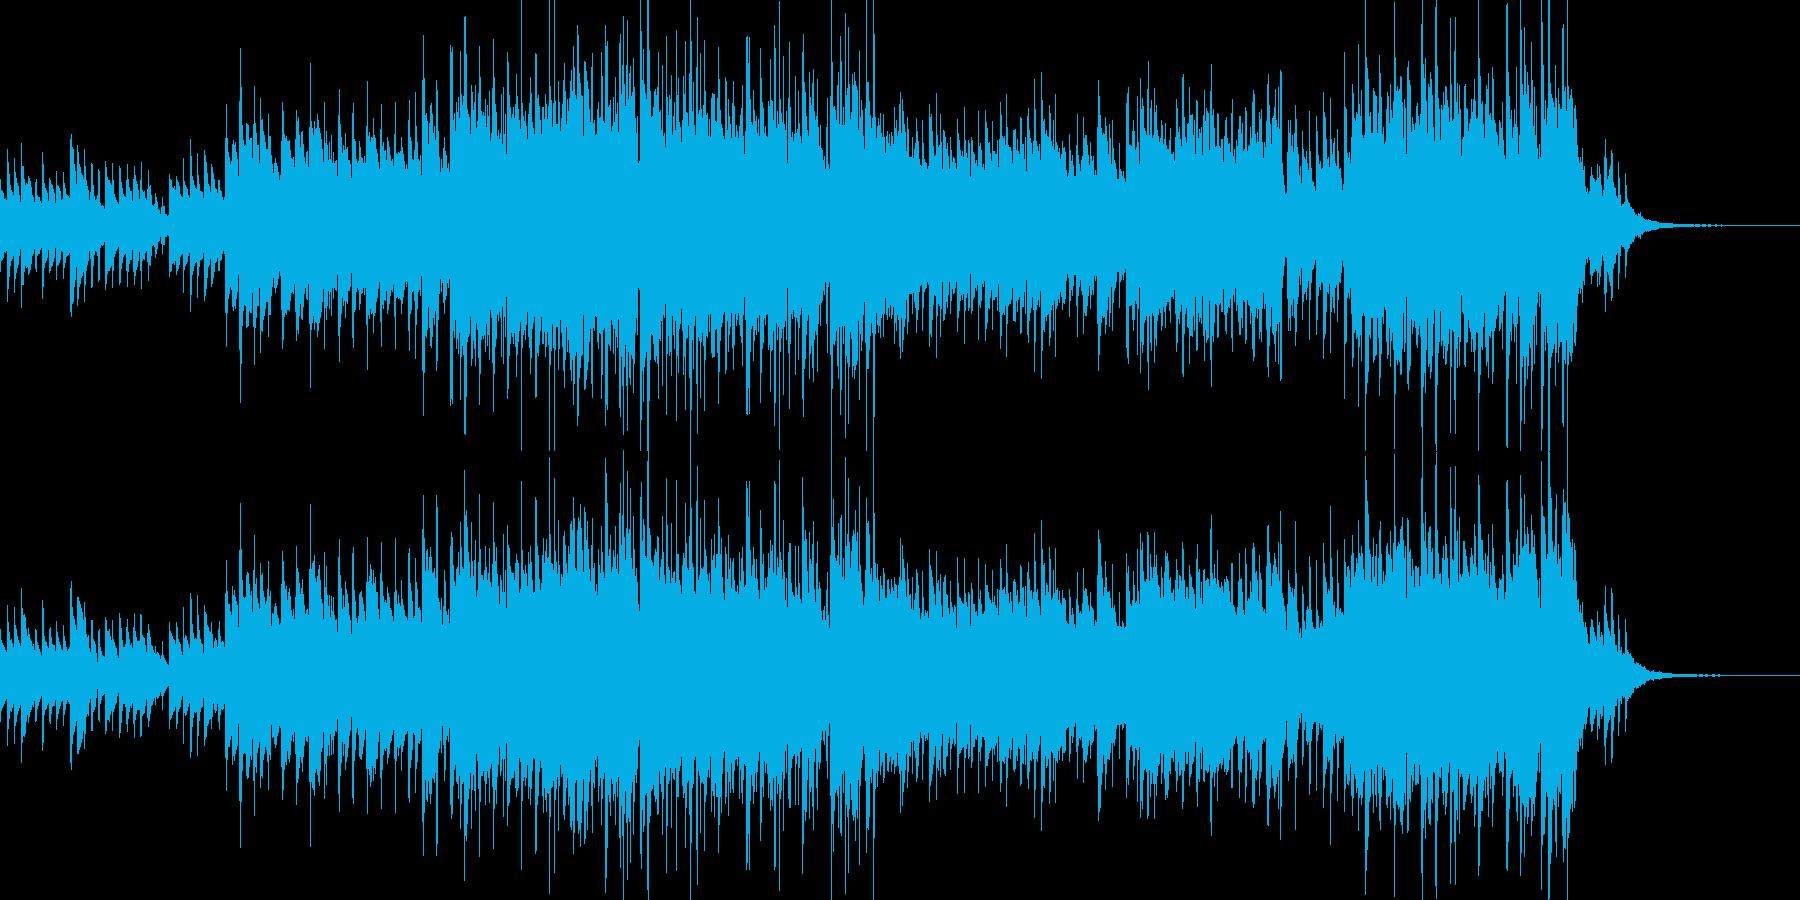 メロディが同じループのフィールド曲の再生済みの波形